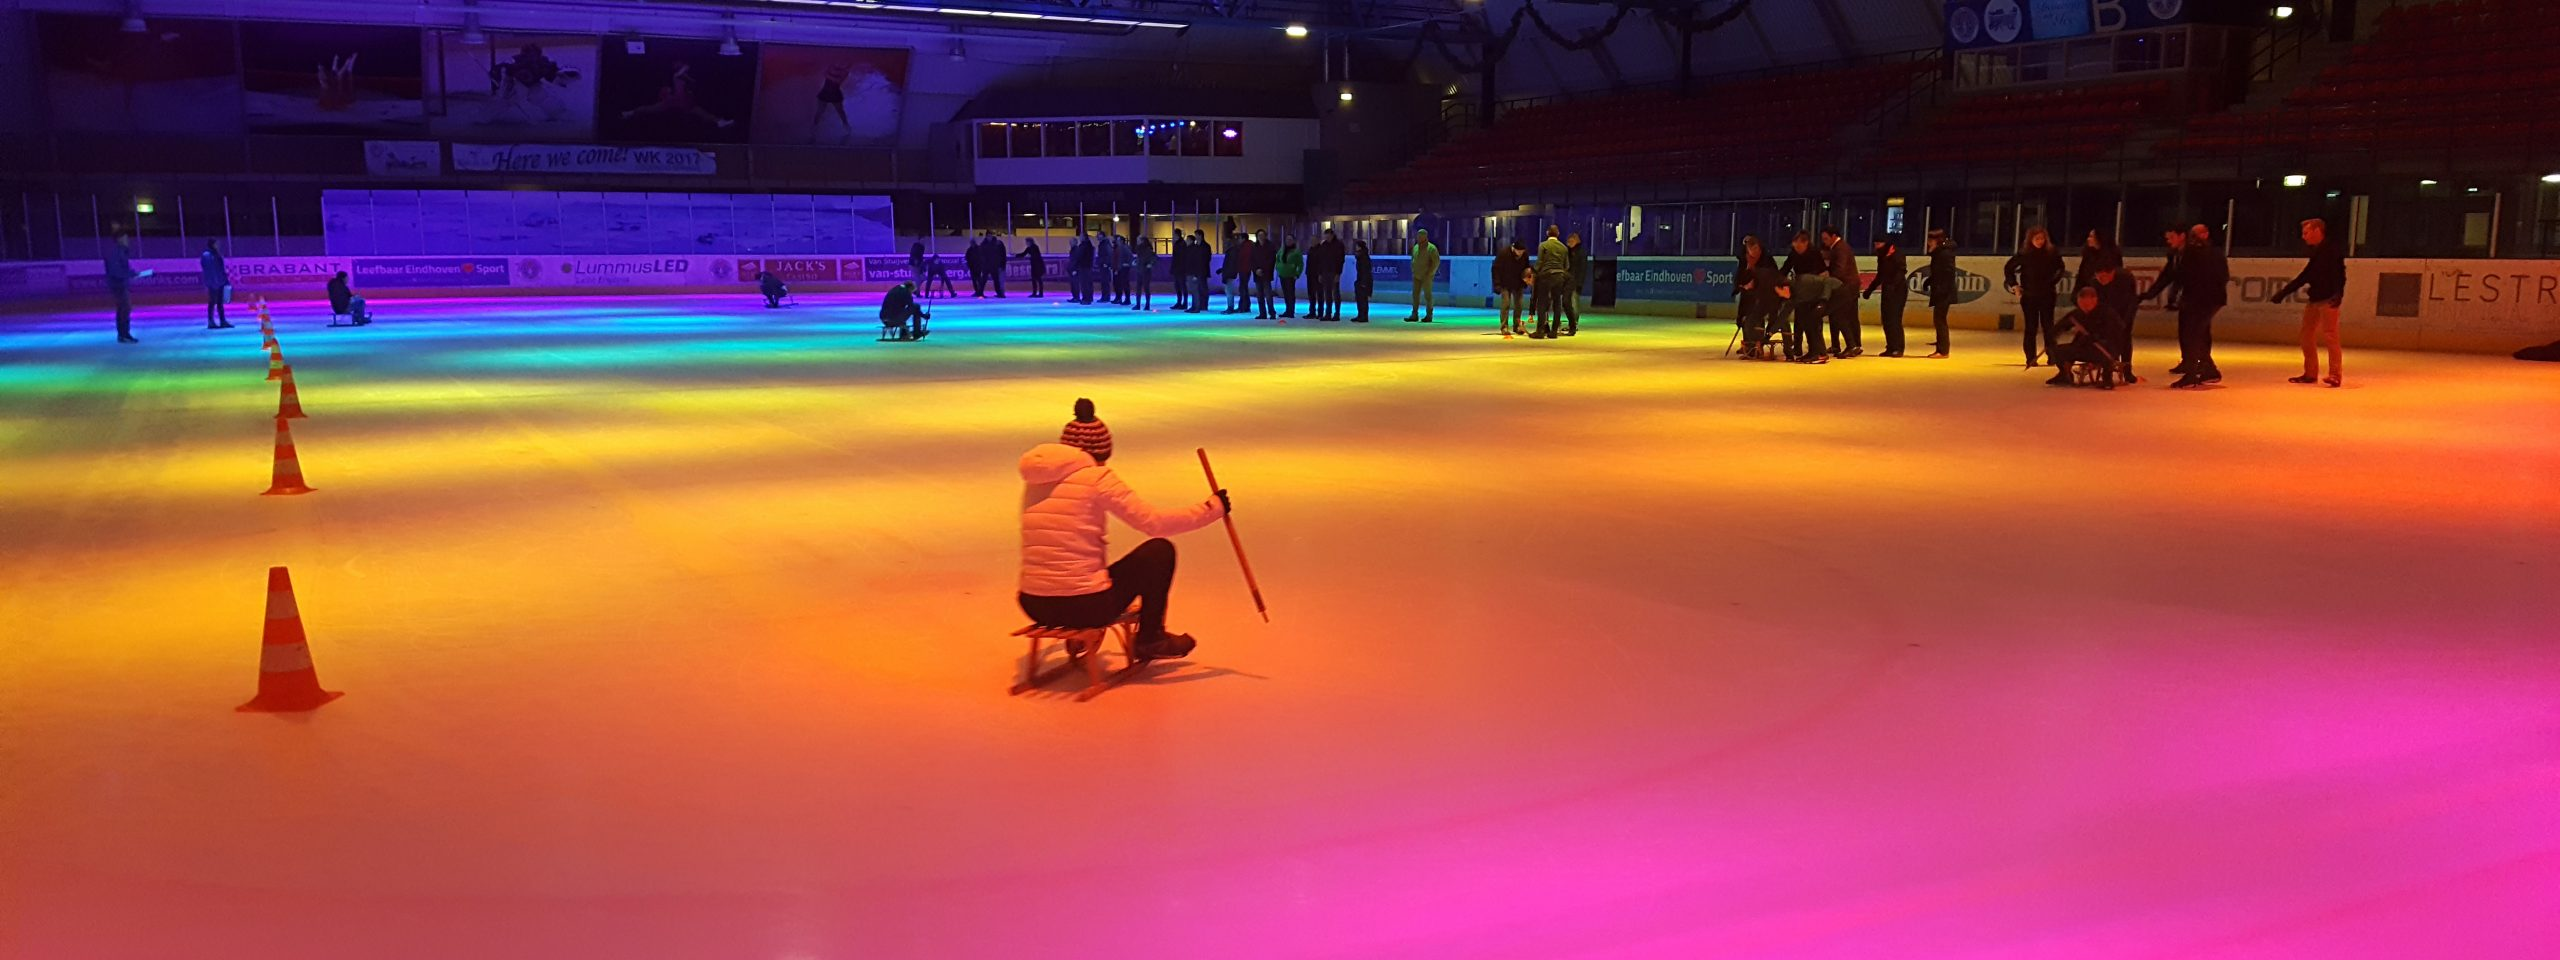 eindhoven-bedrijfsuitje-ijsbaan-events